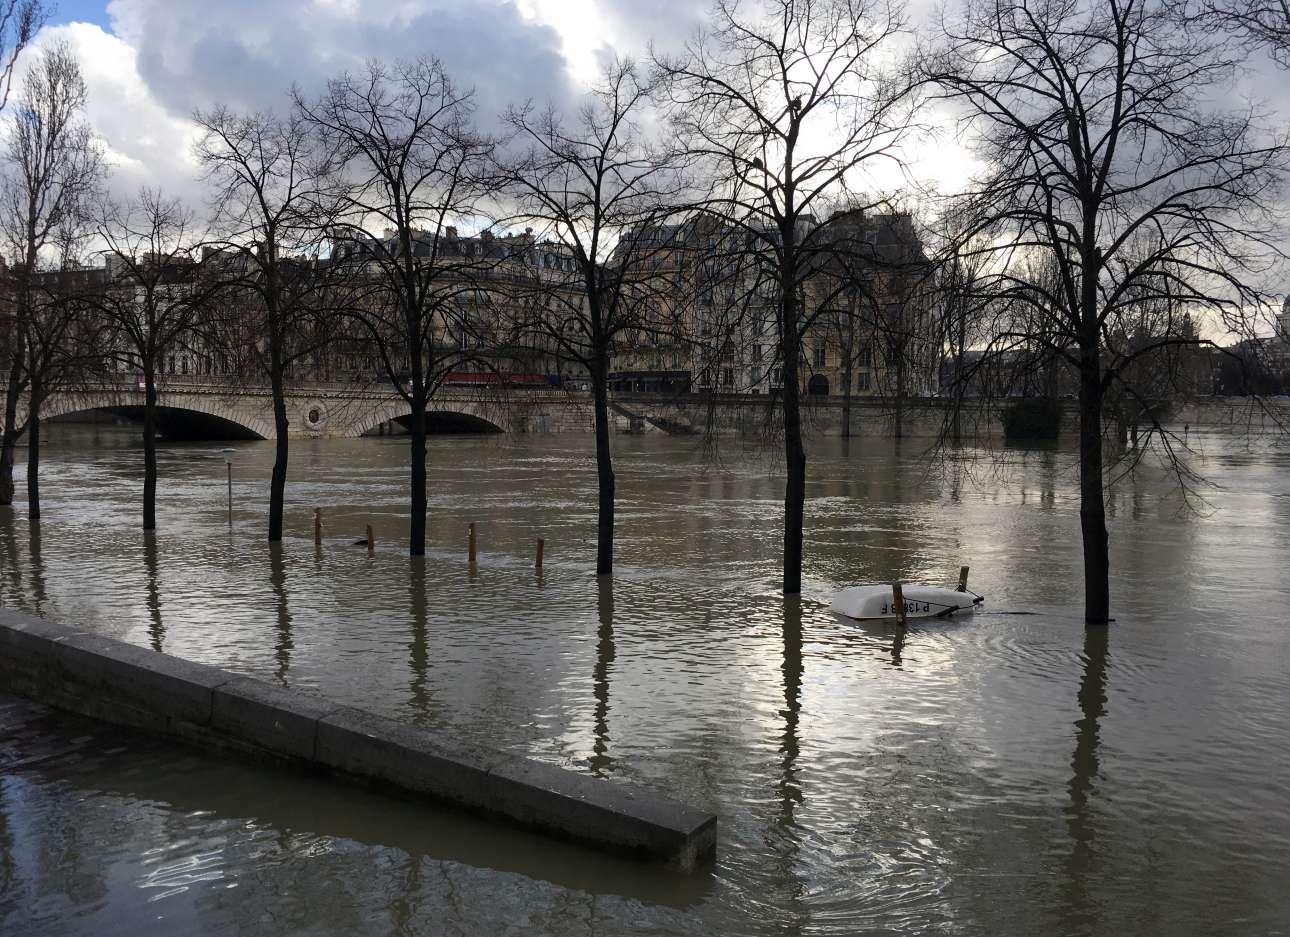 Τα νερά έφτασαν στις γέφυρες. Οι πλημμύρες στο Παρίσι βρίσκονται σε σημείο οριακό